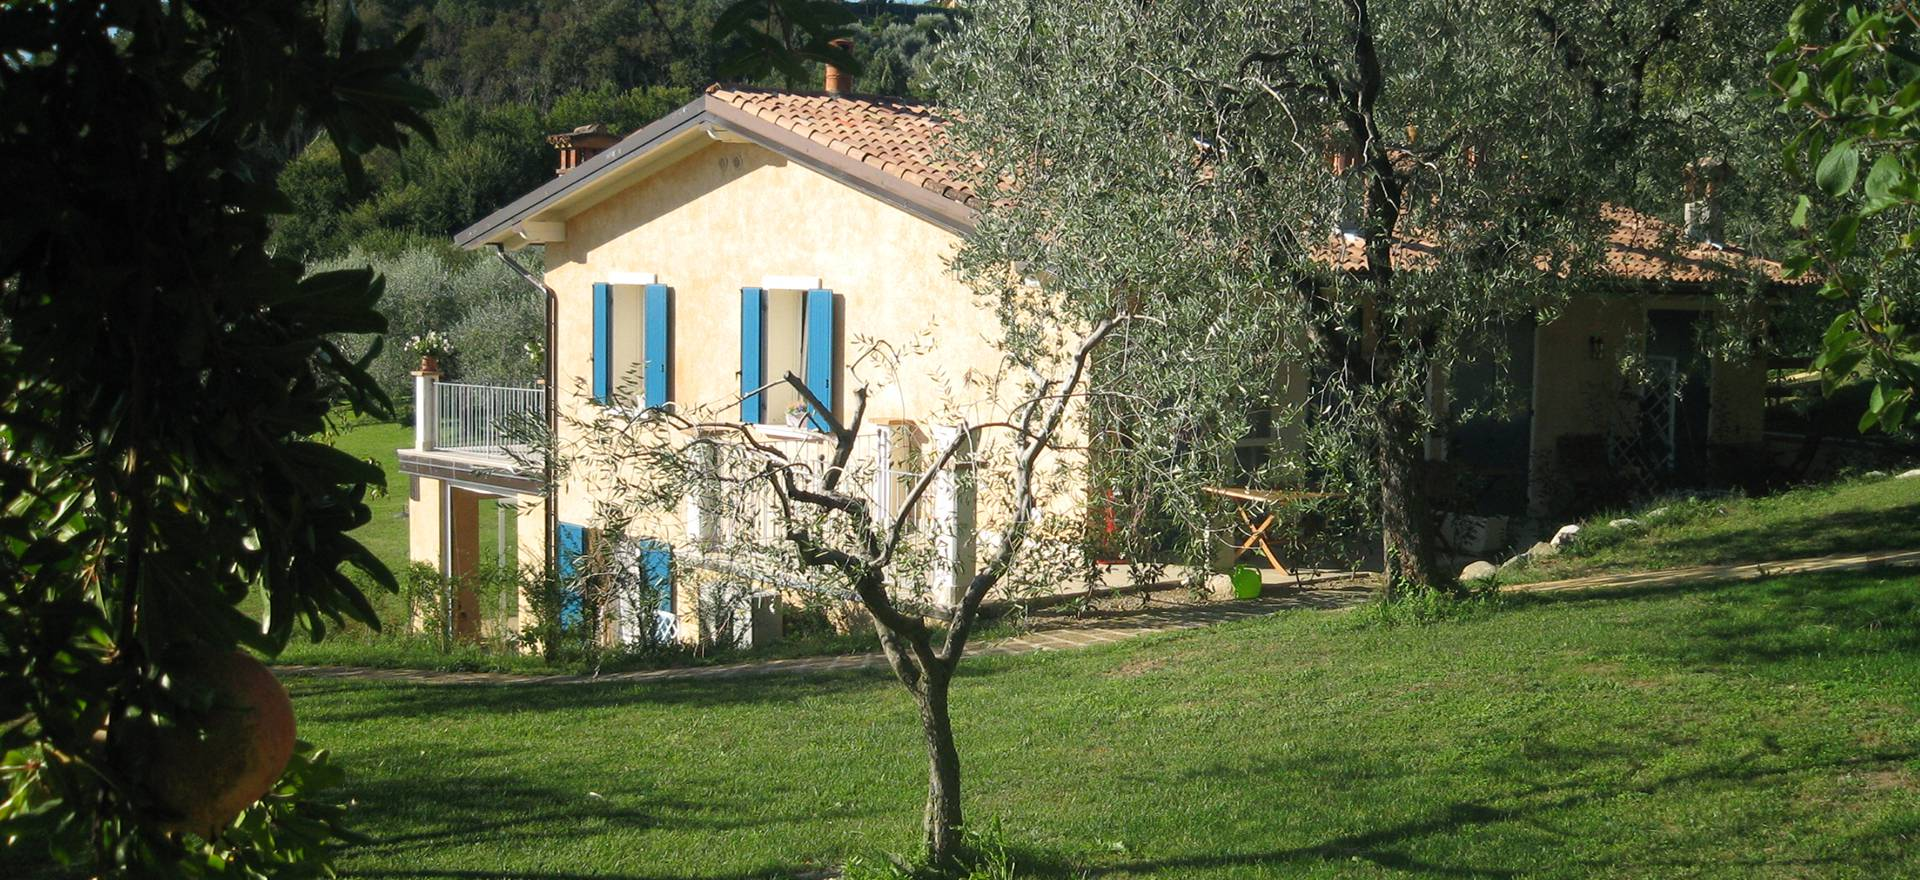 Sfeervolle agriturismo tussen de olijfbomen, dichtbij het Gardameer